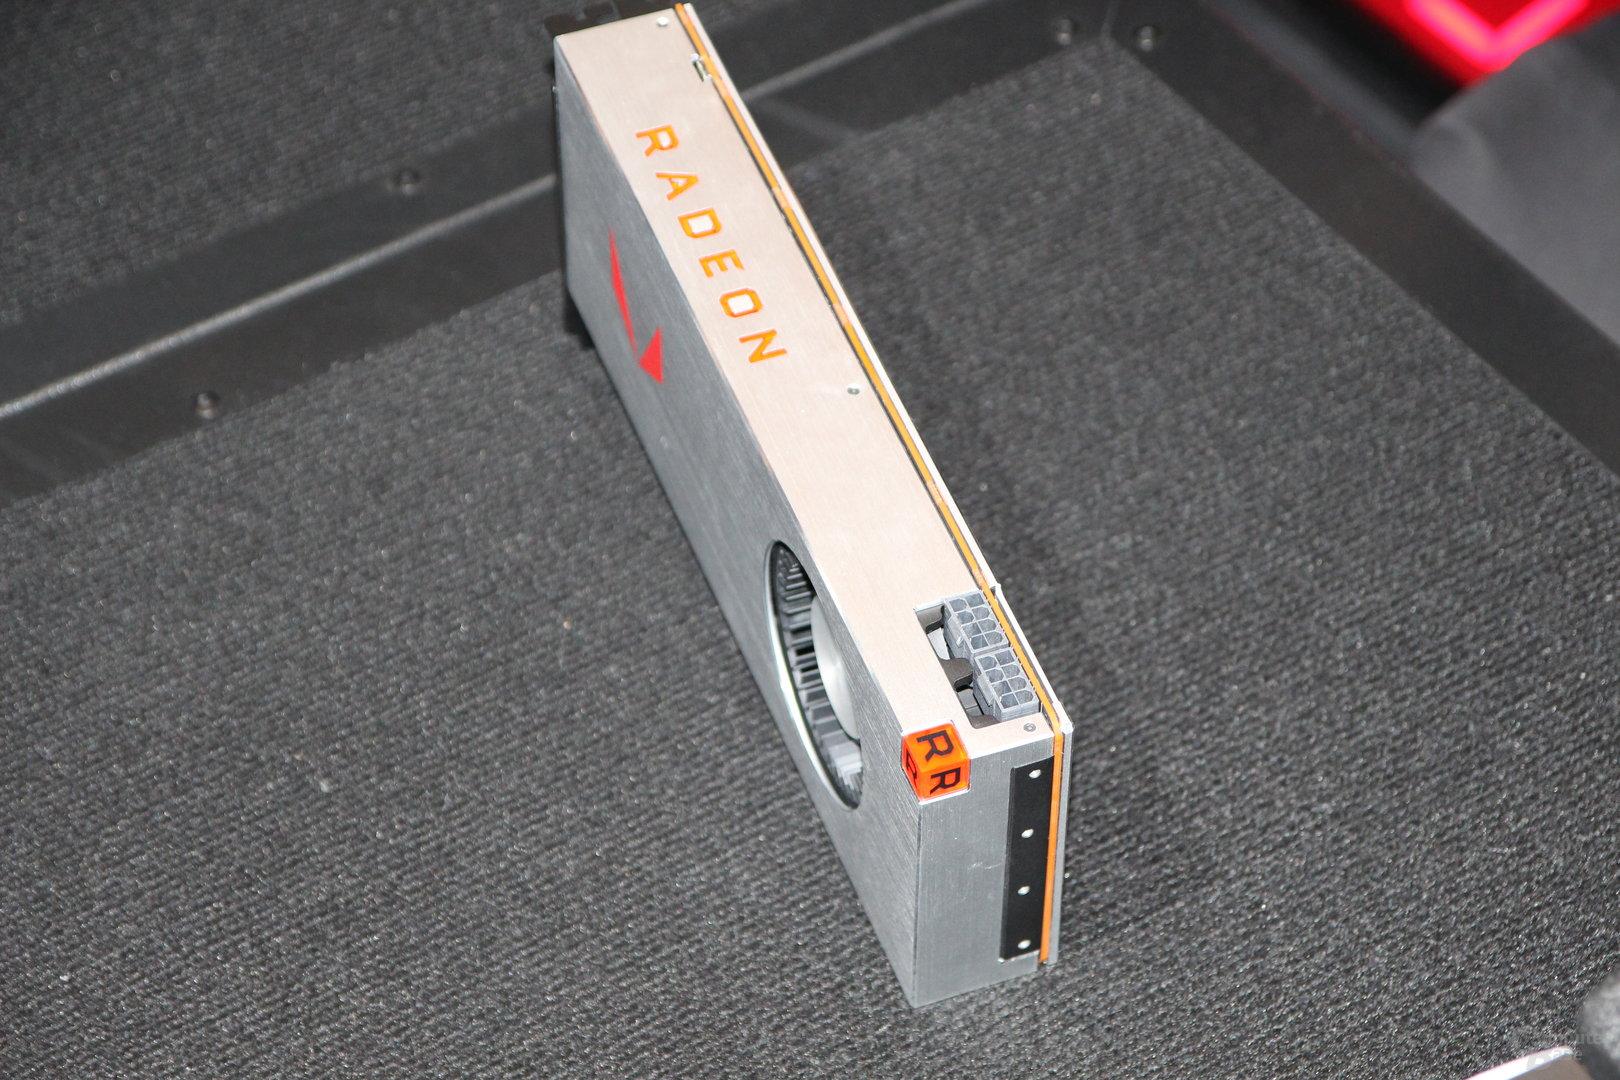 AMD Radeon Pro SSG Grafikkarte mit integrierter 2TB SSD für 7.000 Dollar